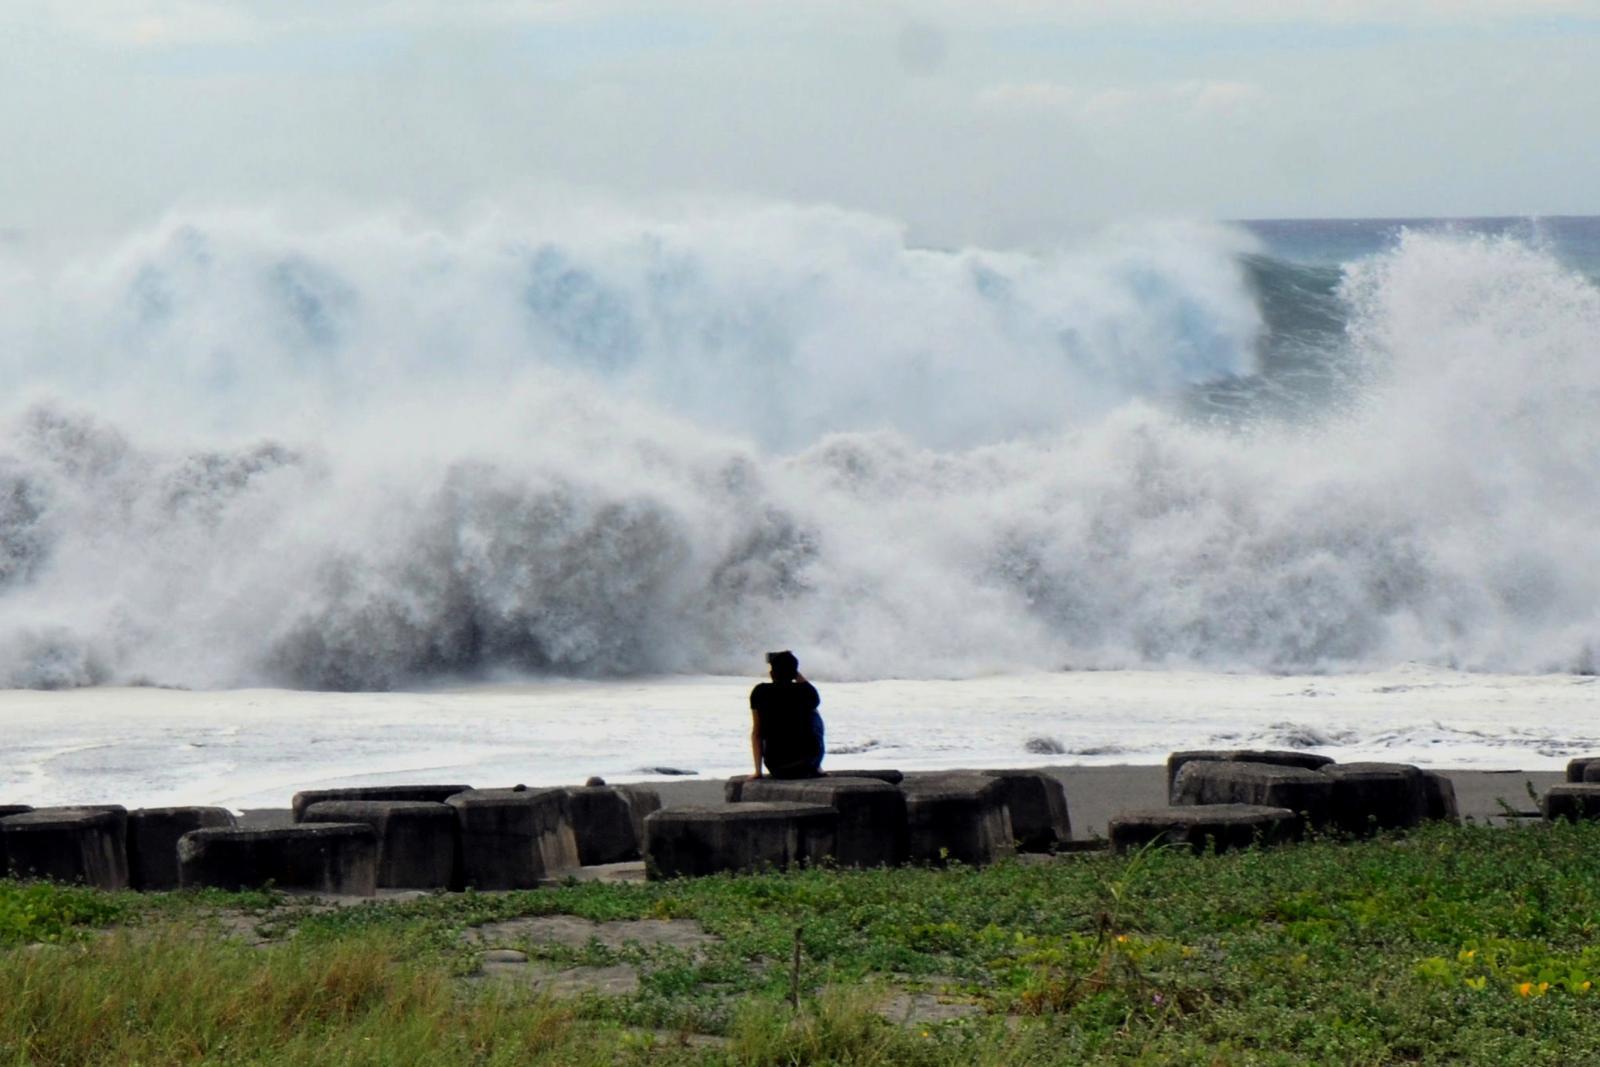 """ที่มาของชื่อพายุและการมาของชื่อ """"มังคุด"""""""